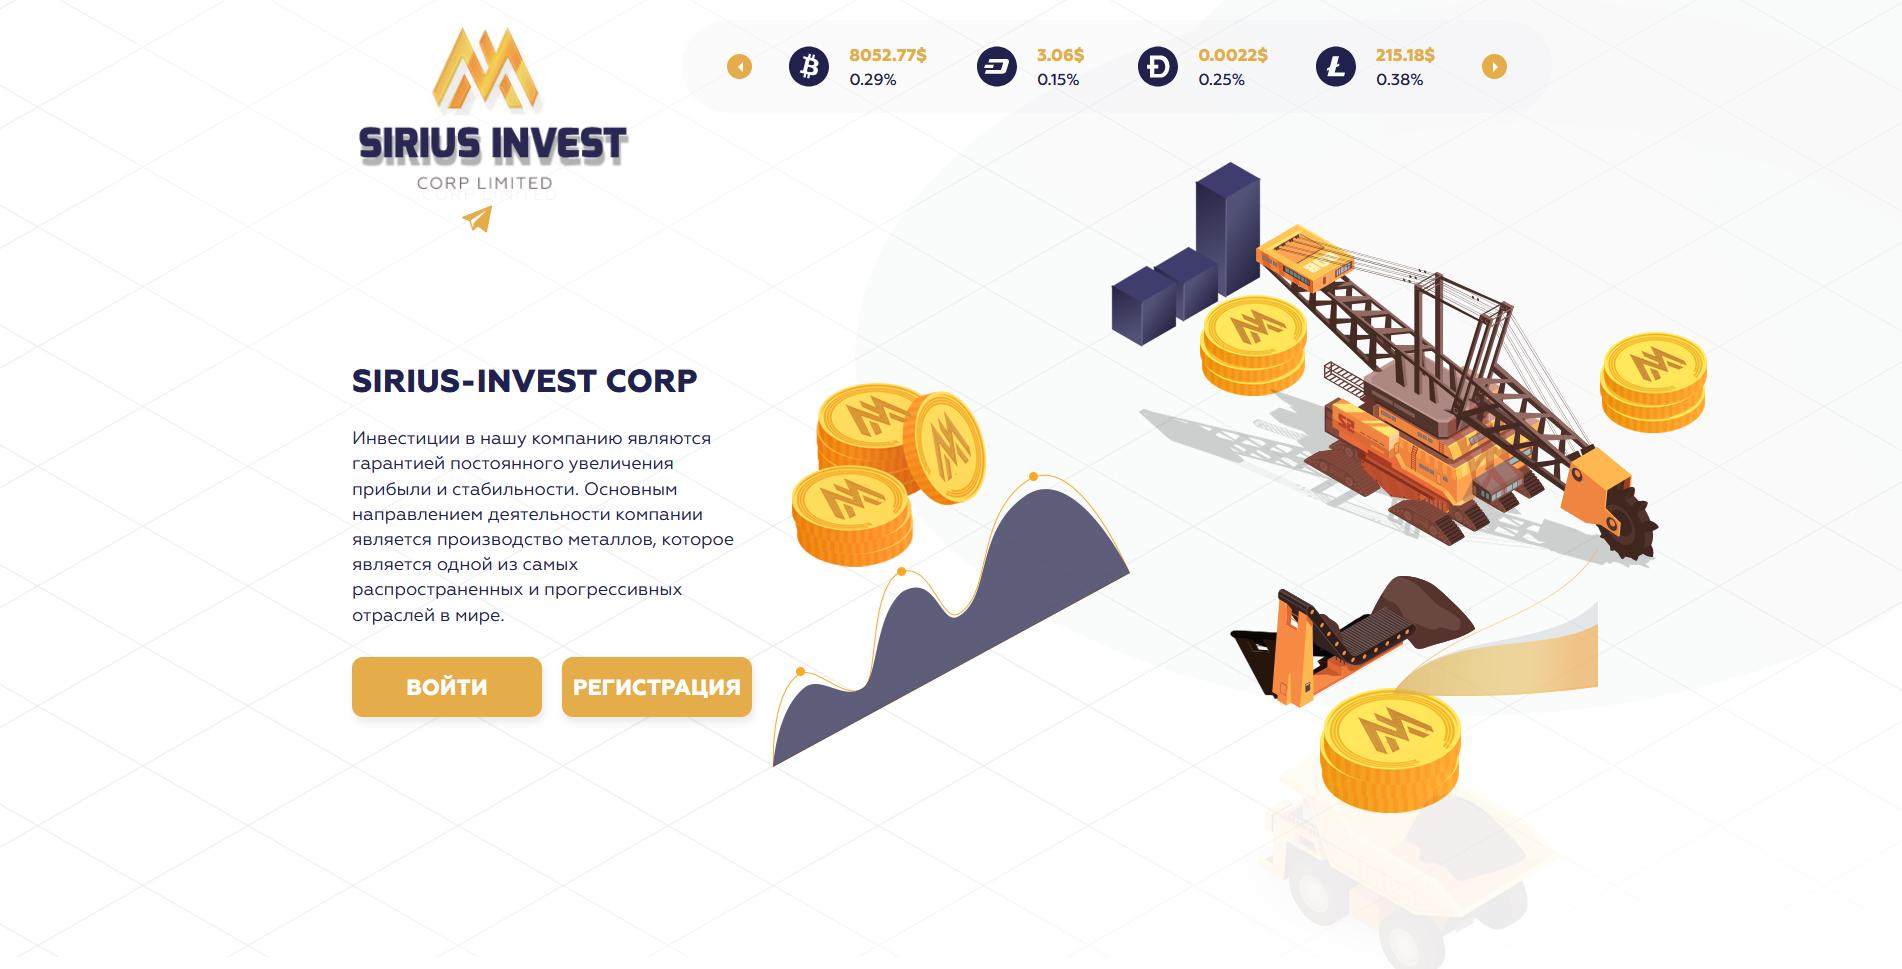 Sirius Invest